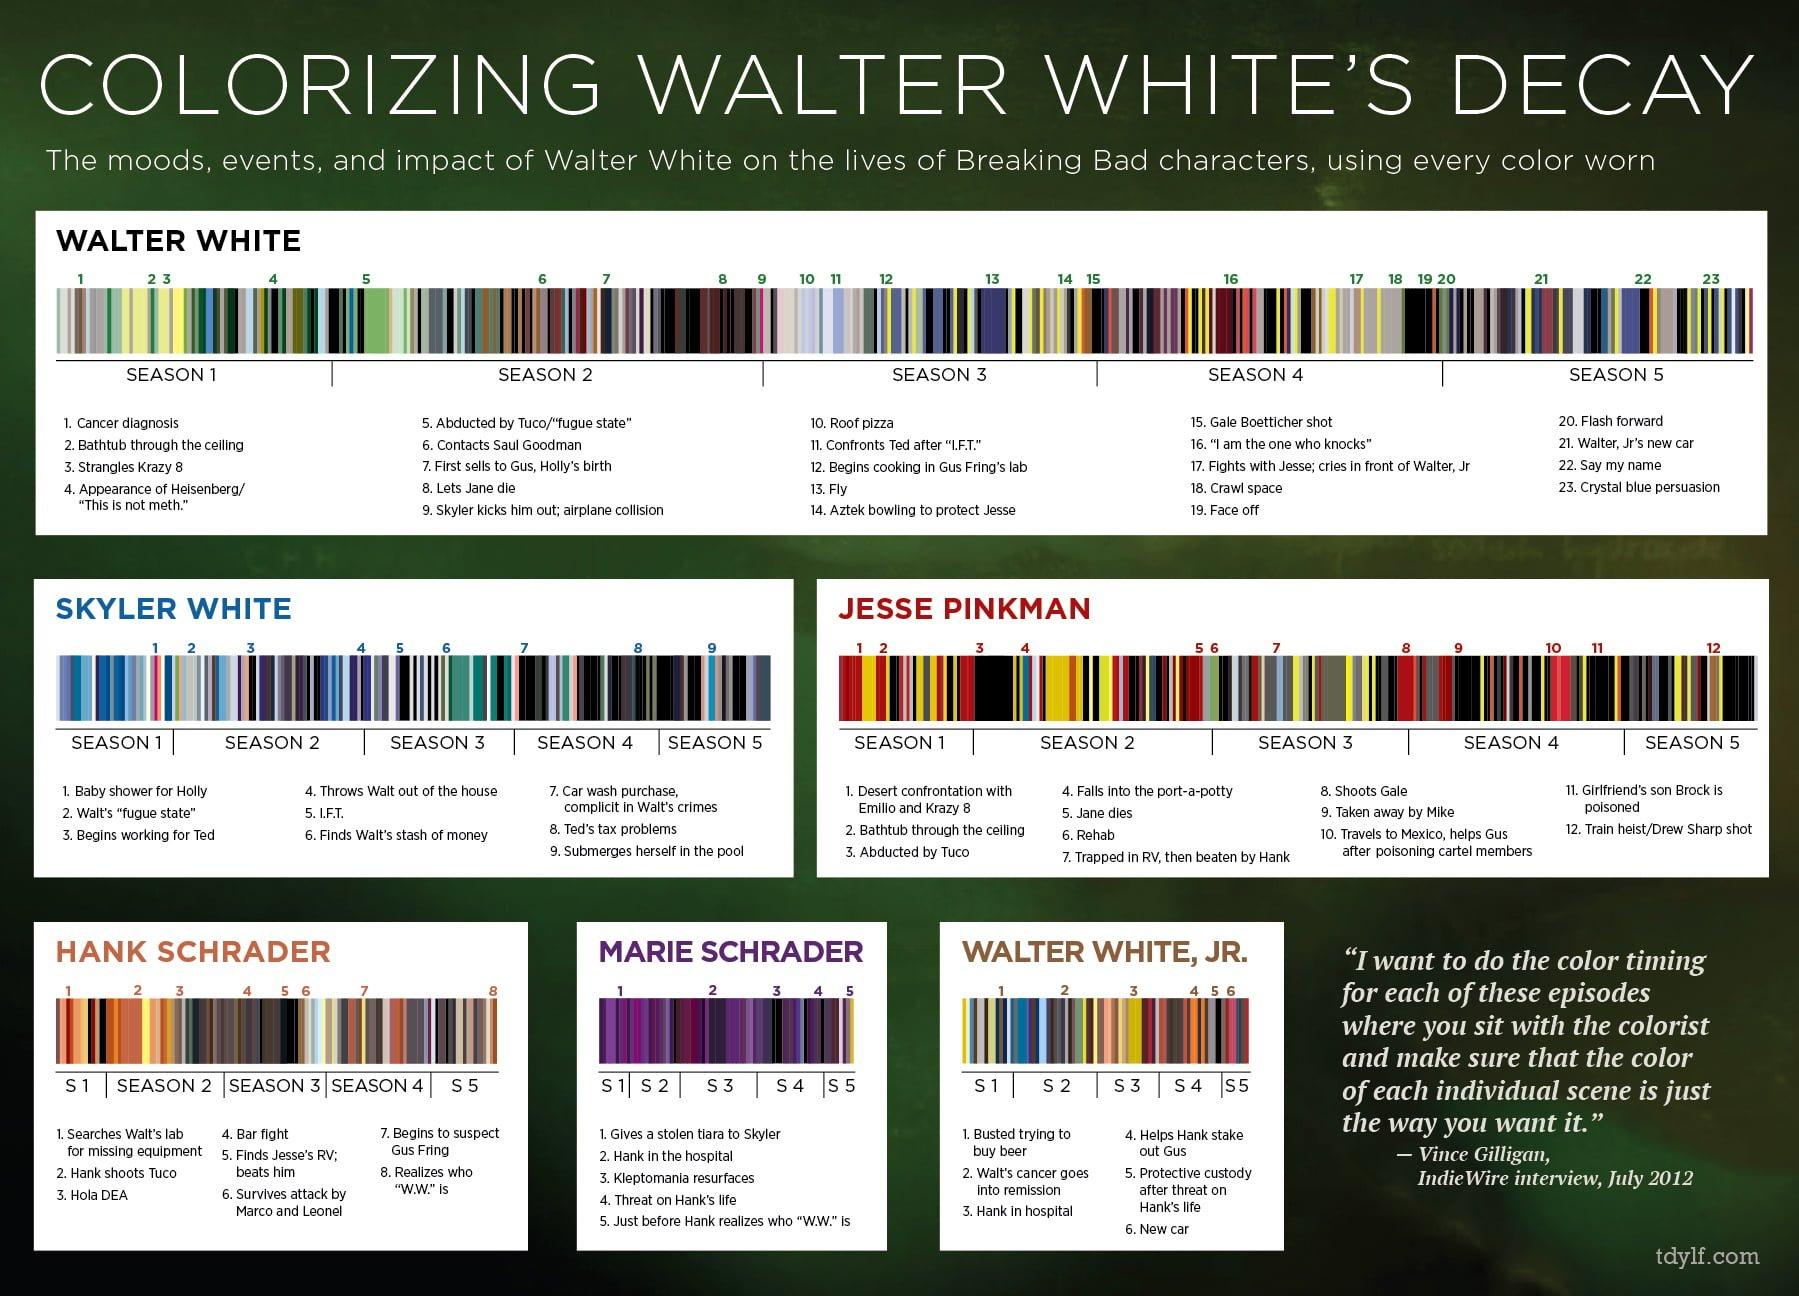 Breaking Bad dizisinin renklerini analiz eden infografik